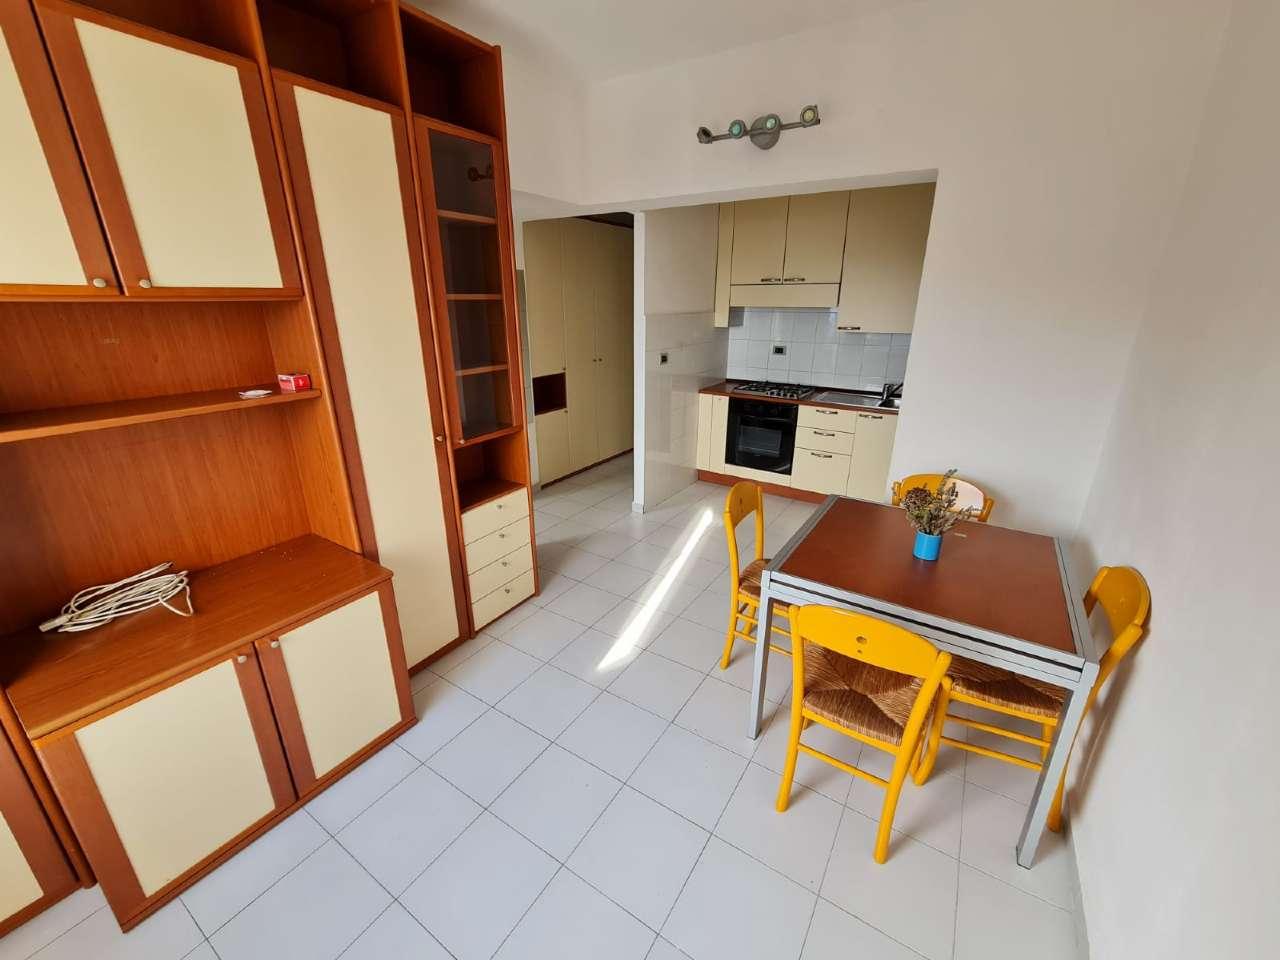 Appartamento in affitto a Ceranesi, 2 locali, prezzo € 280   PortaleAgenzieImmobiliari.it